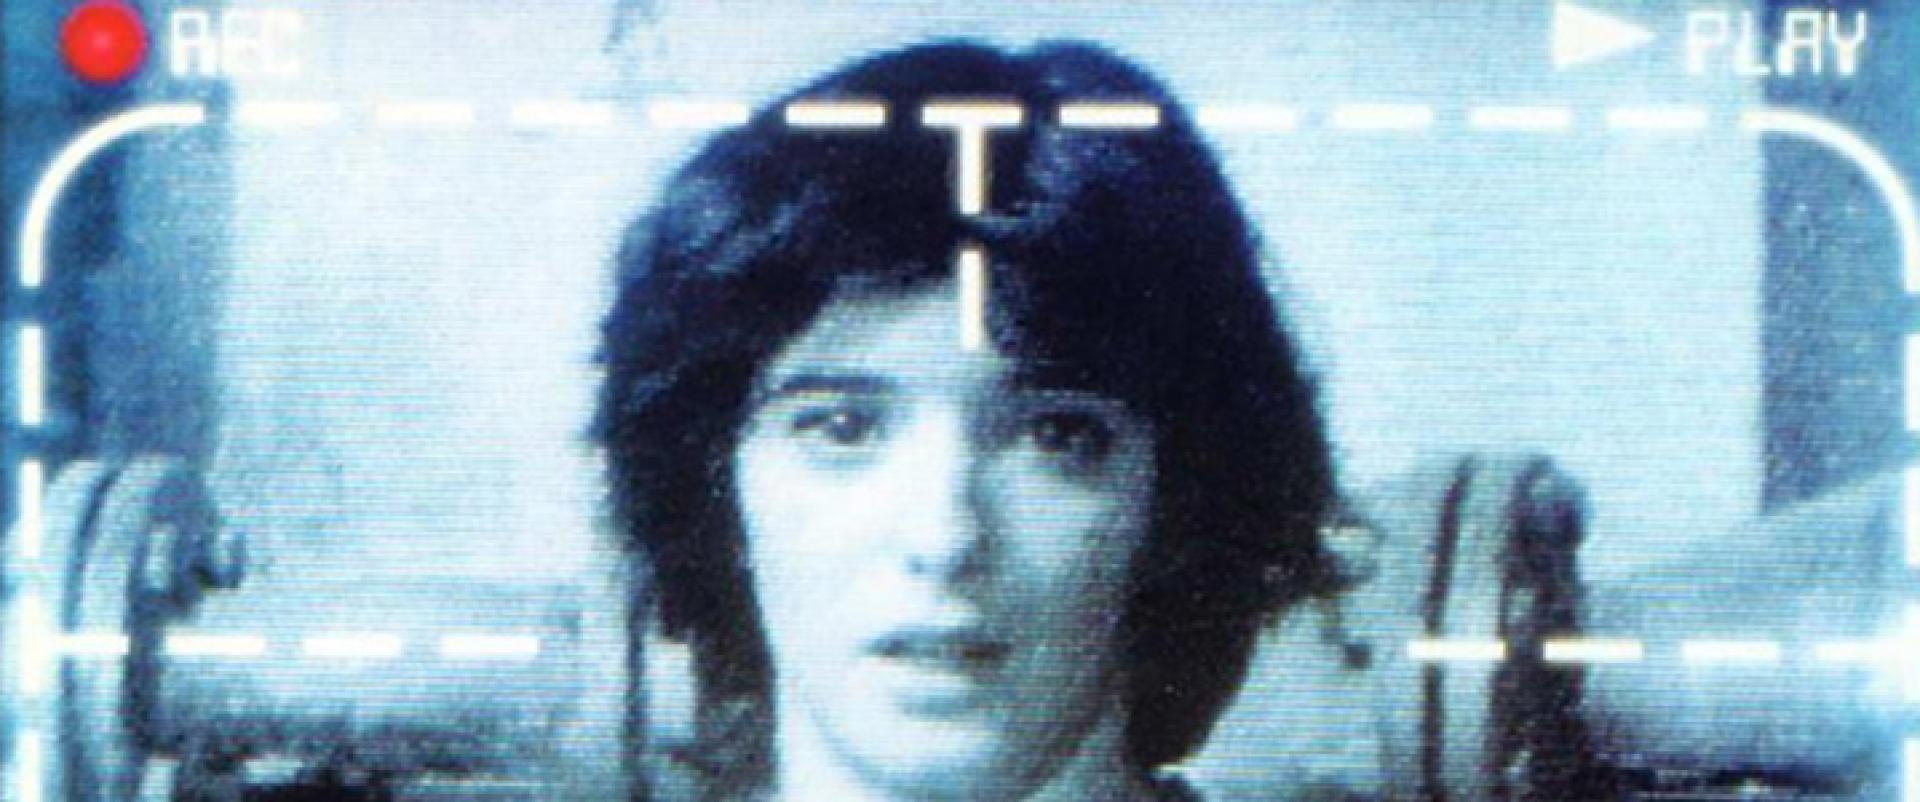 Tesis - Halálos tézis (1996)